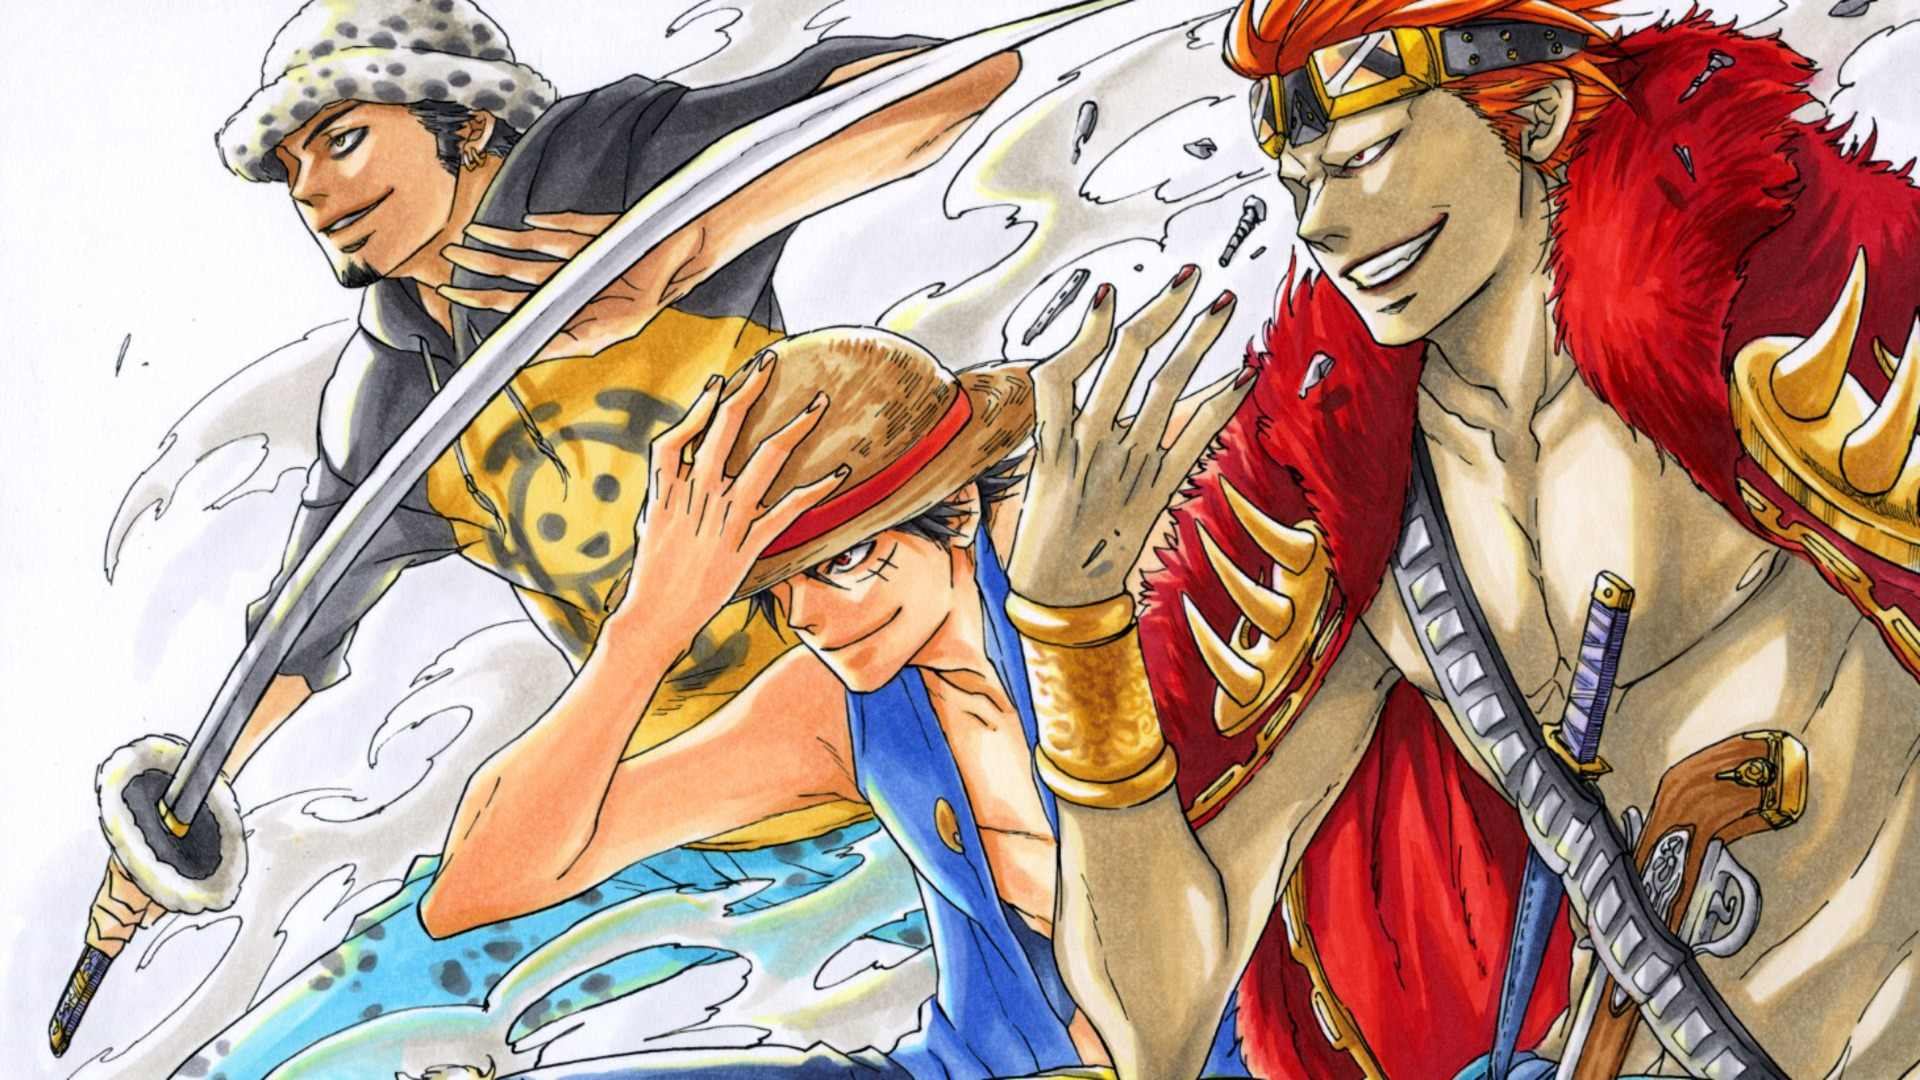 One Piece fond ecran (29) - 10 000 Fonds d'écran HD gratuits et de qualité ! Wallpapers HD